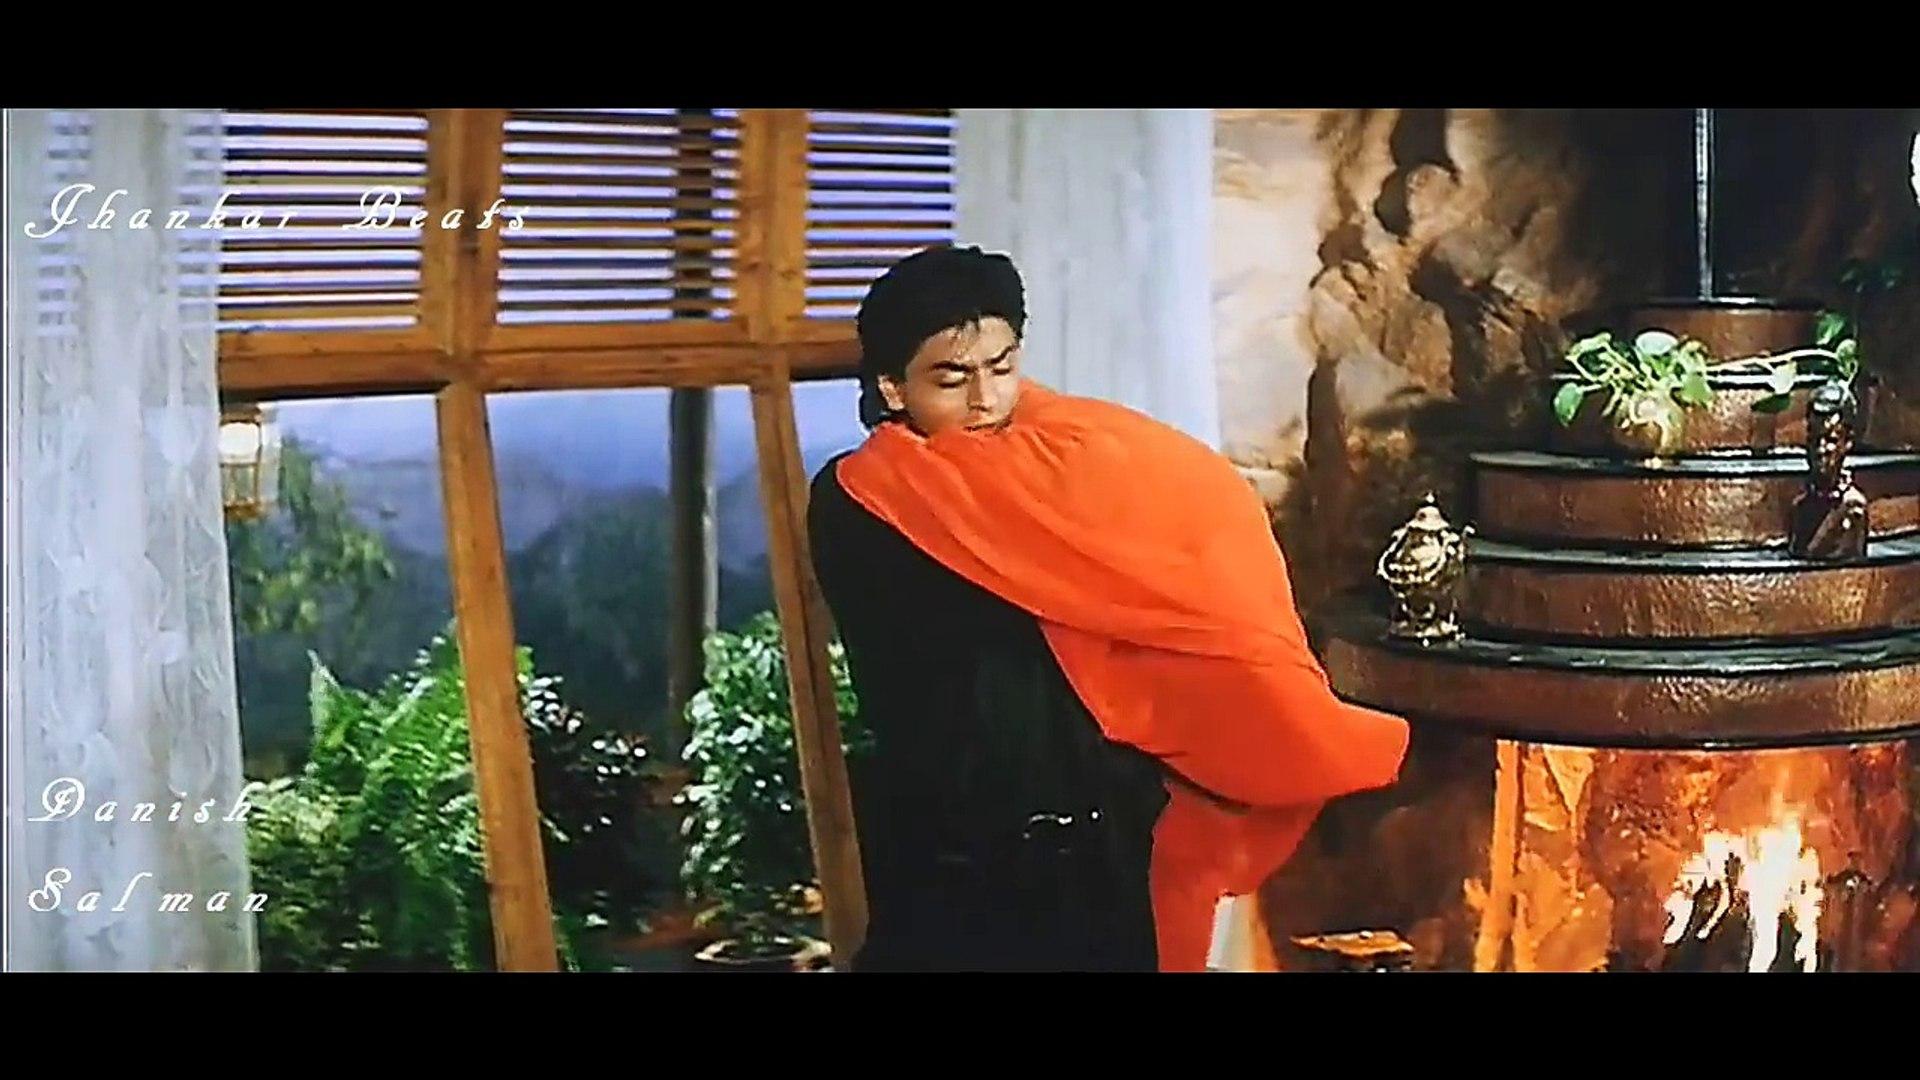 Ab Hai Neend Kise (Eagle Jhankar) - HD - Zamana Deewana - Kumar Sanu   Alka Yagnik (By Danish)(720p)